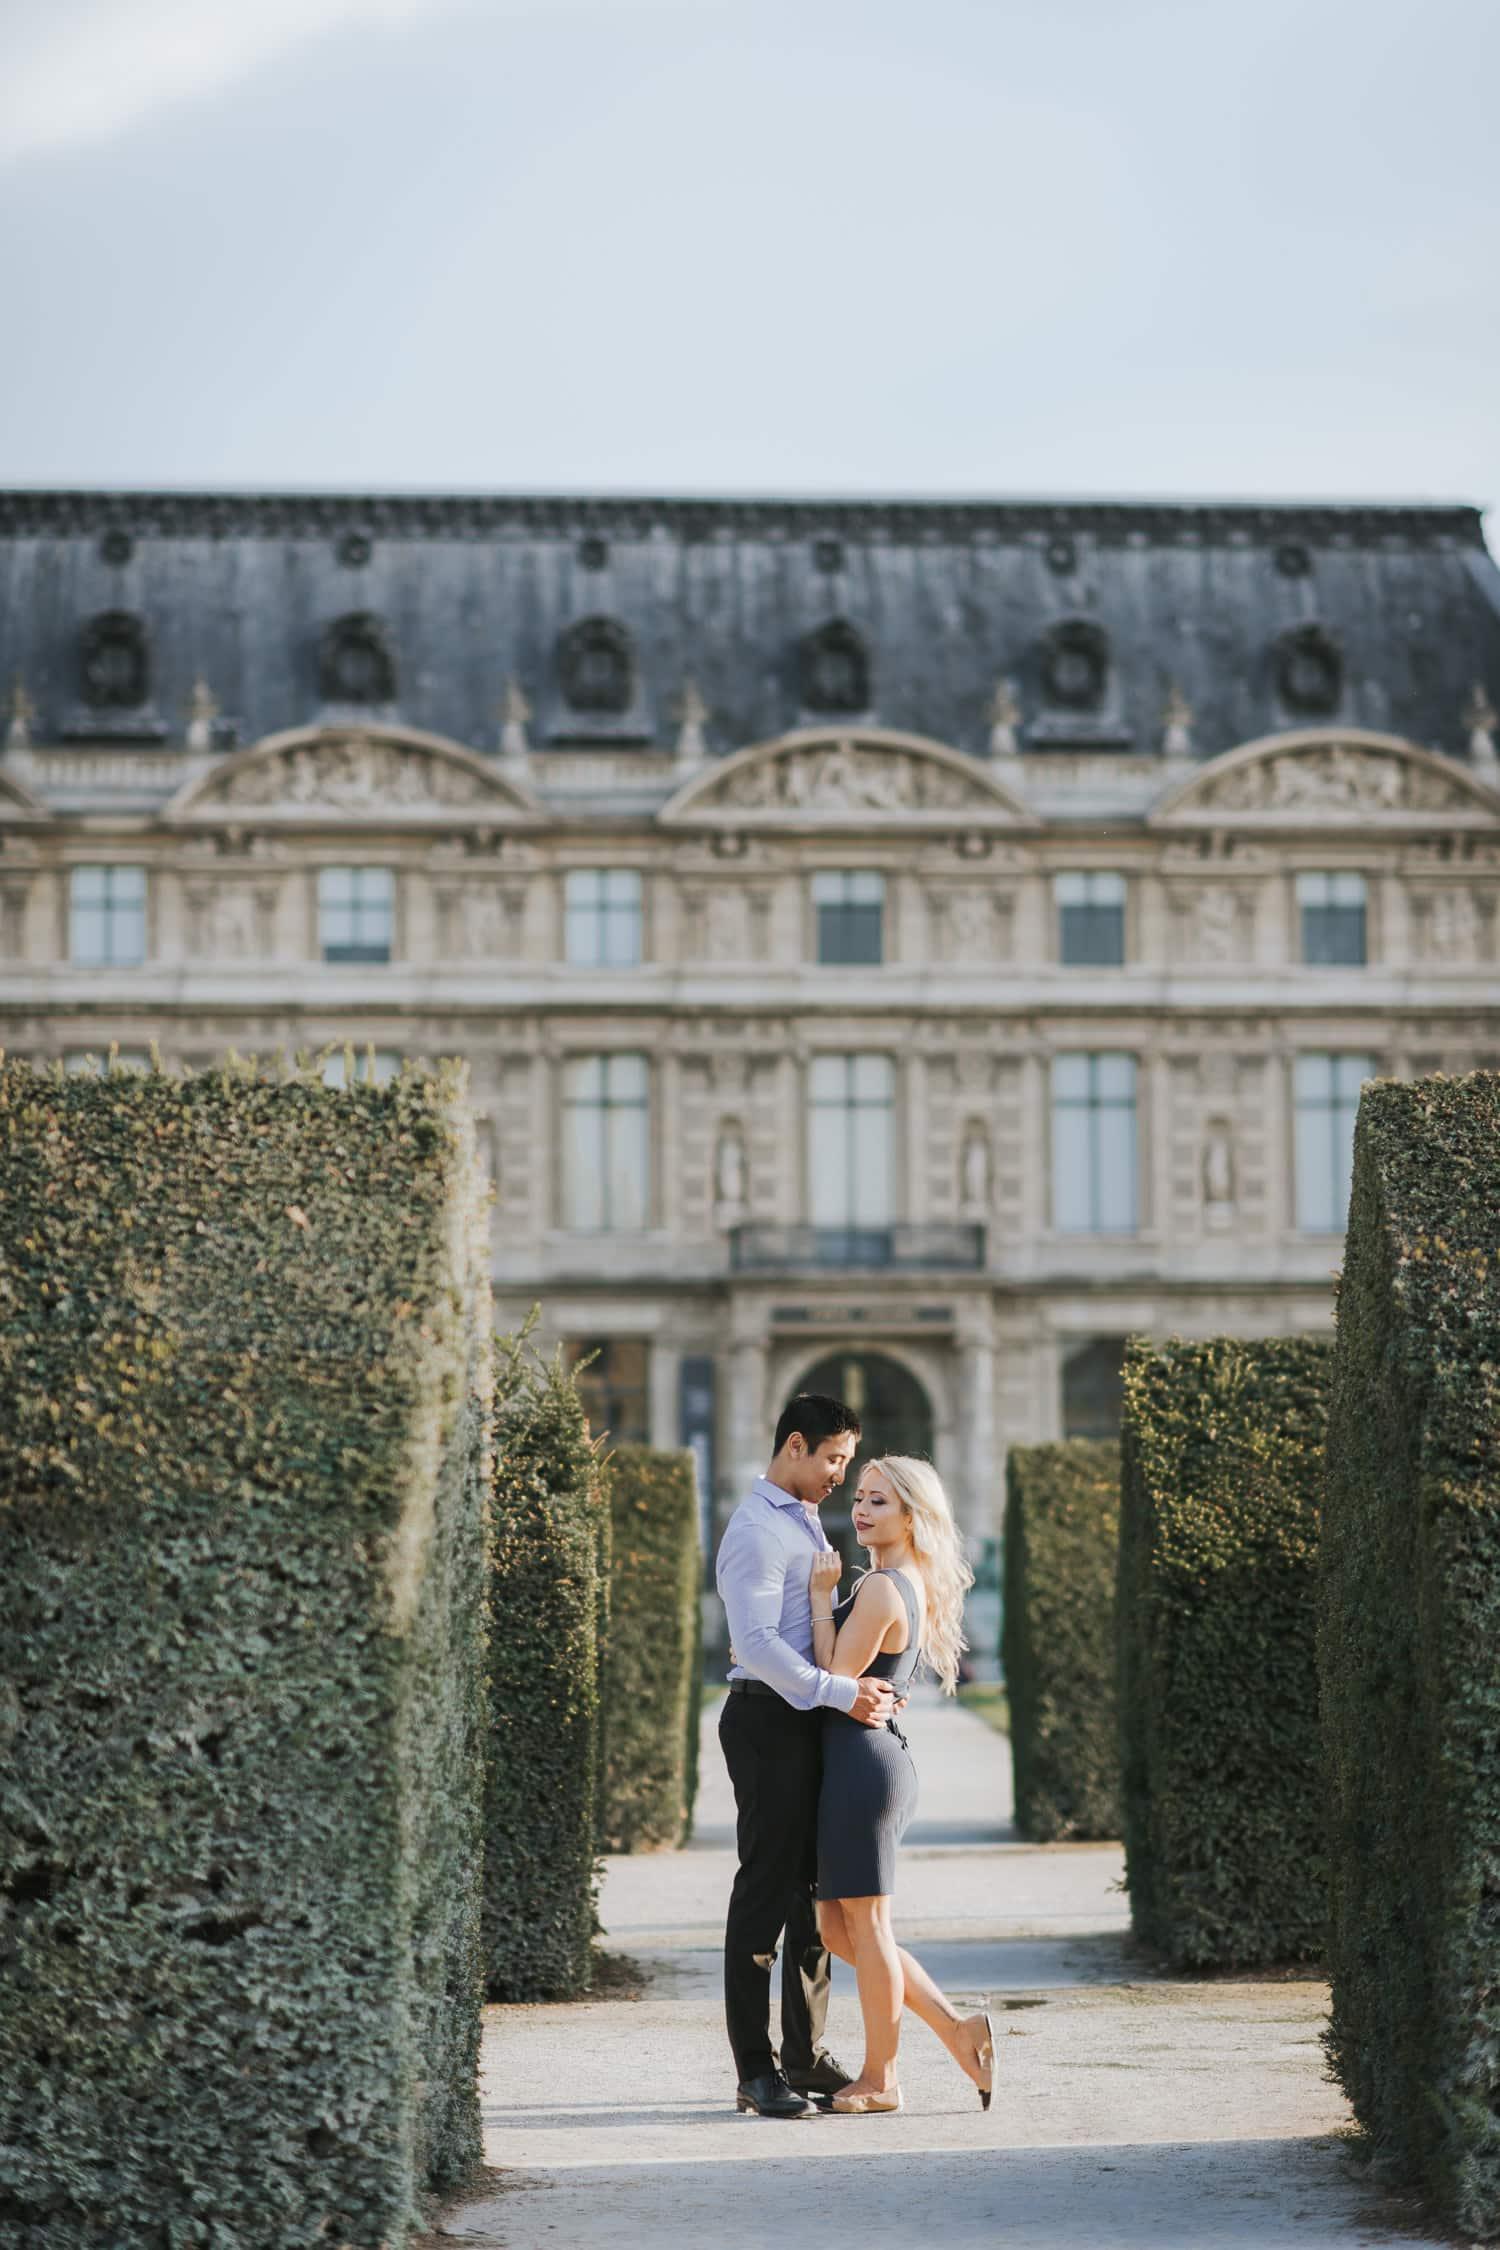 Paris Elopement Photo Session